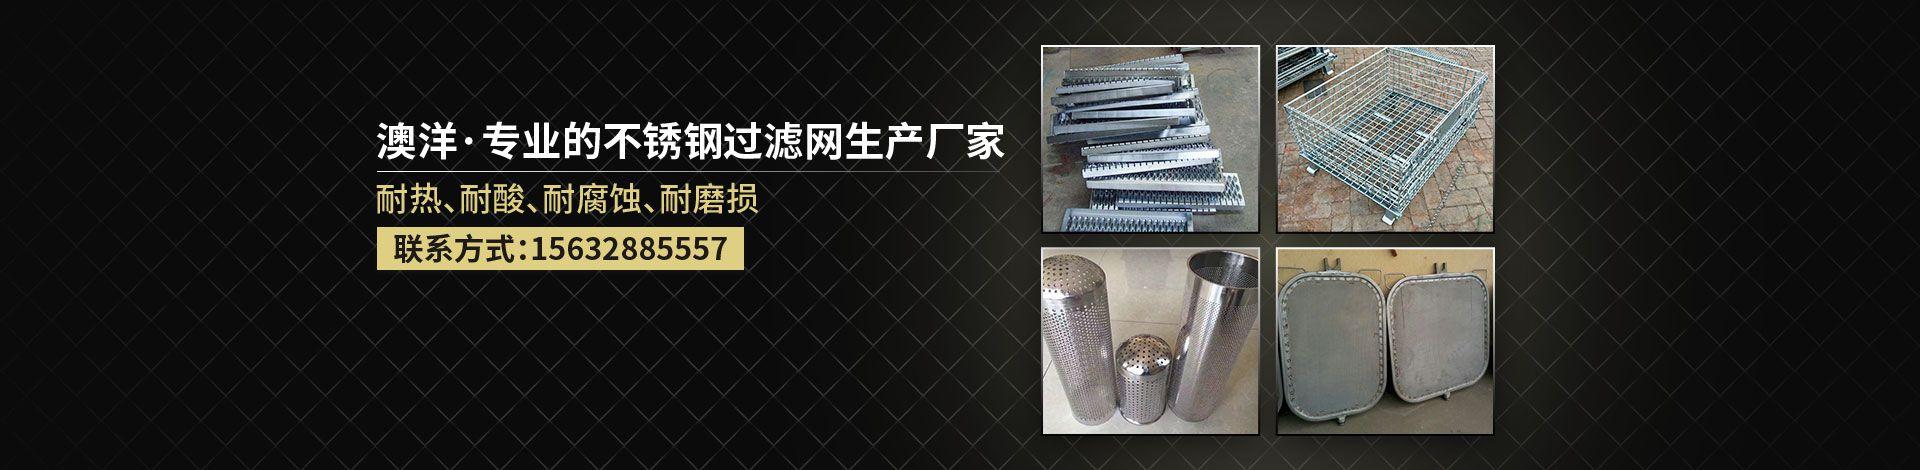 安平县澳洋金属制品有限公司